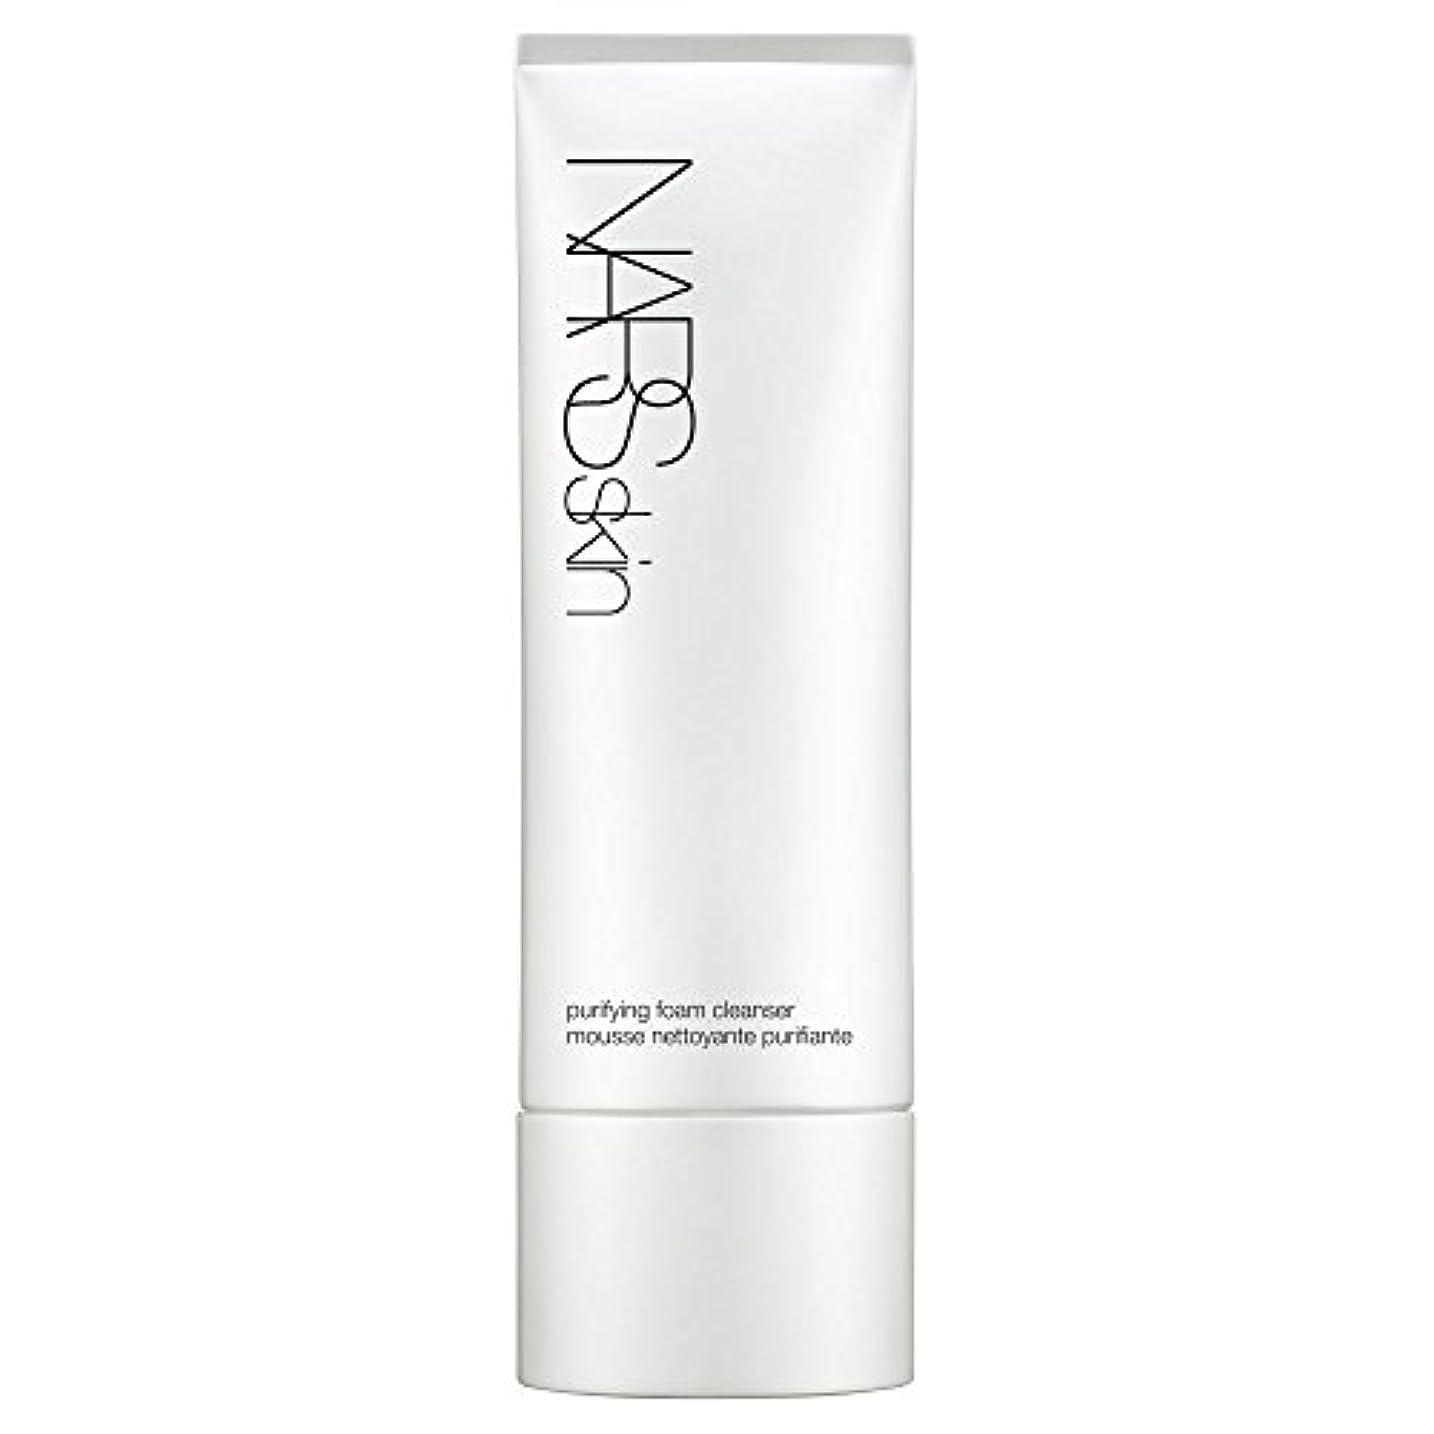 ソーシャル藤色集中的な[NARS] 125ミリリットルNarsskin浄化泡洗顔料、 - Narsskin Purifying Foam Cleanser, 125ml [並行輸入品]